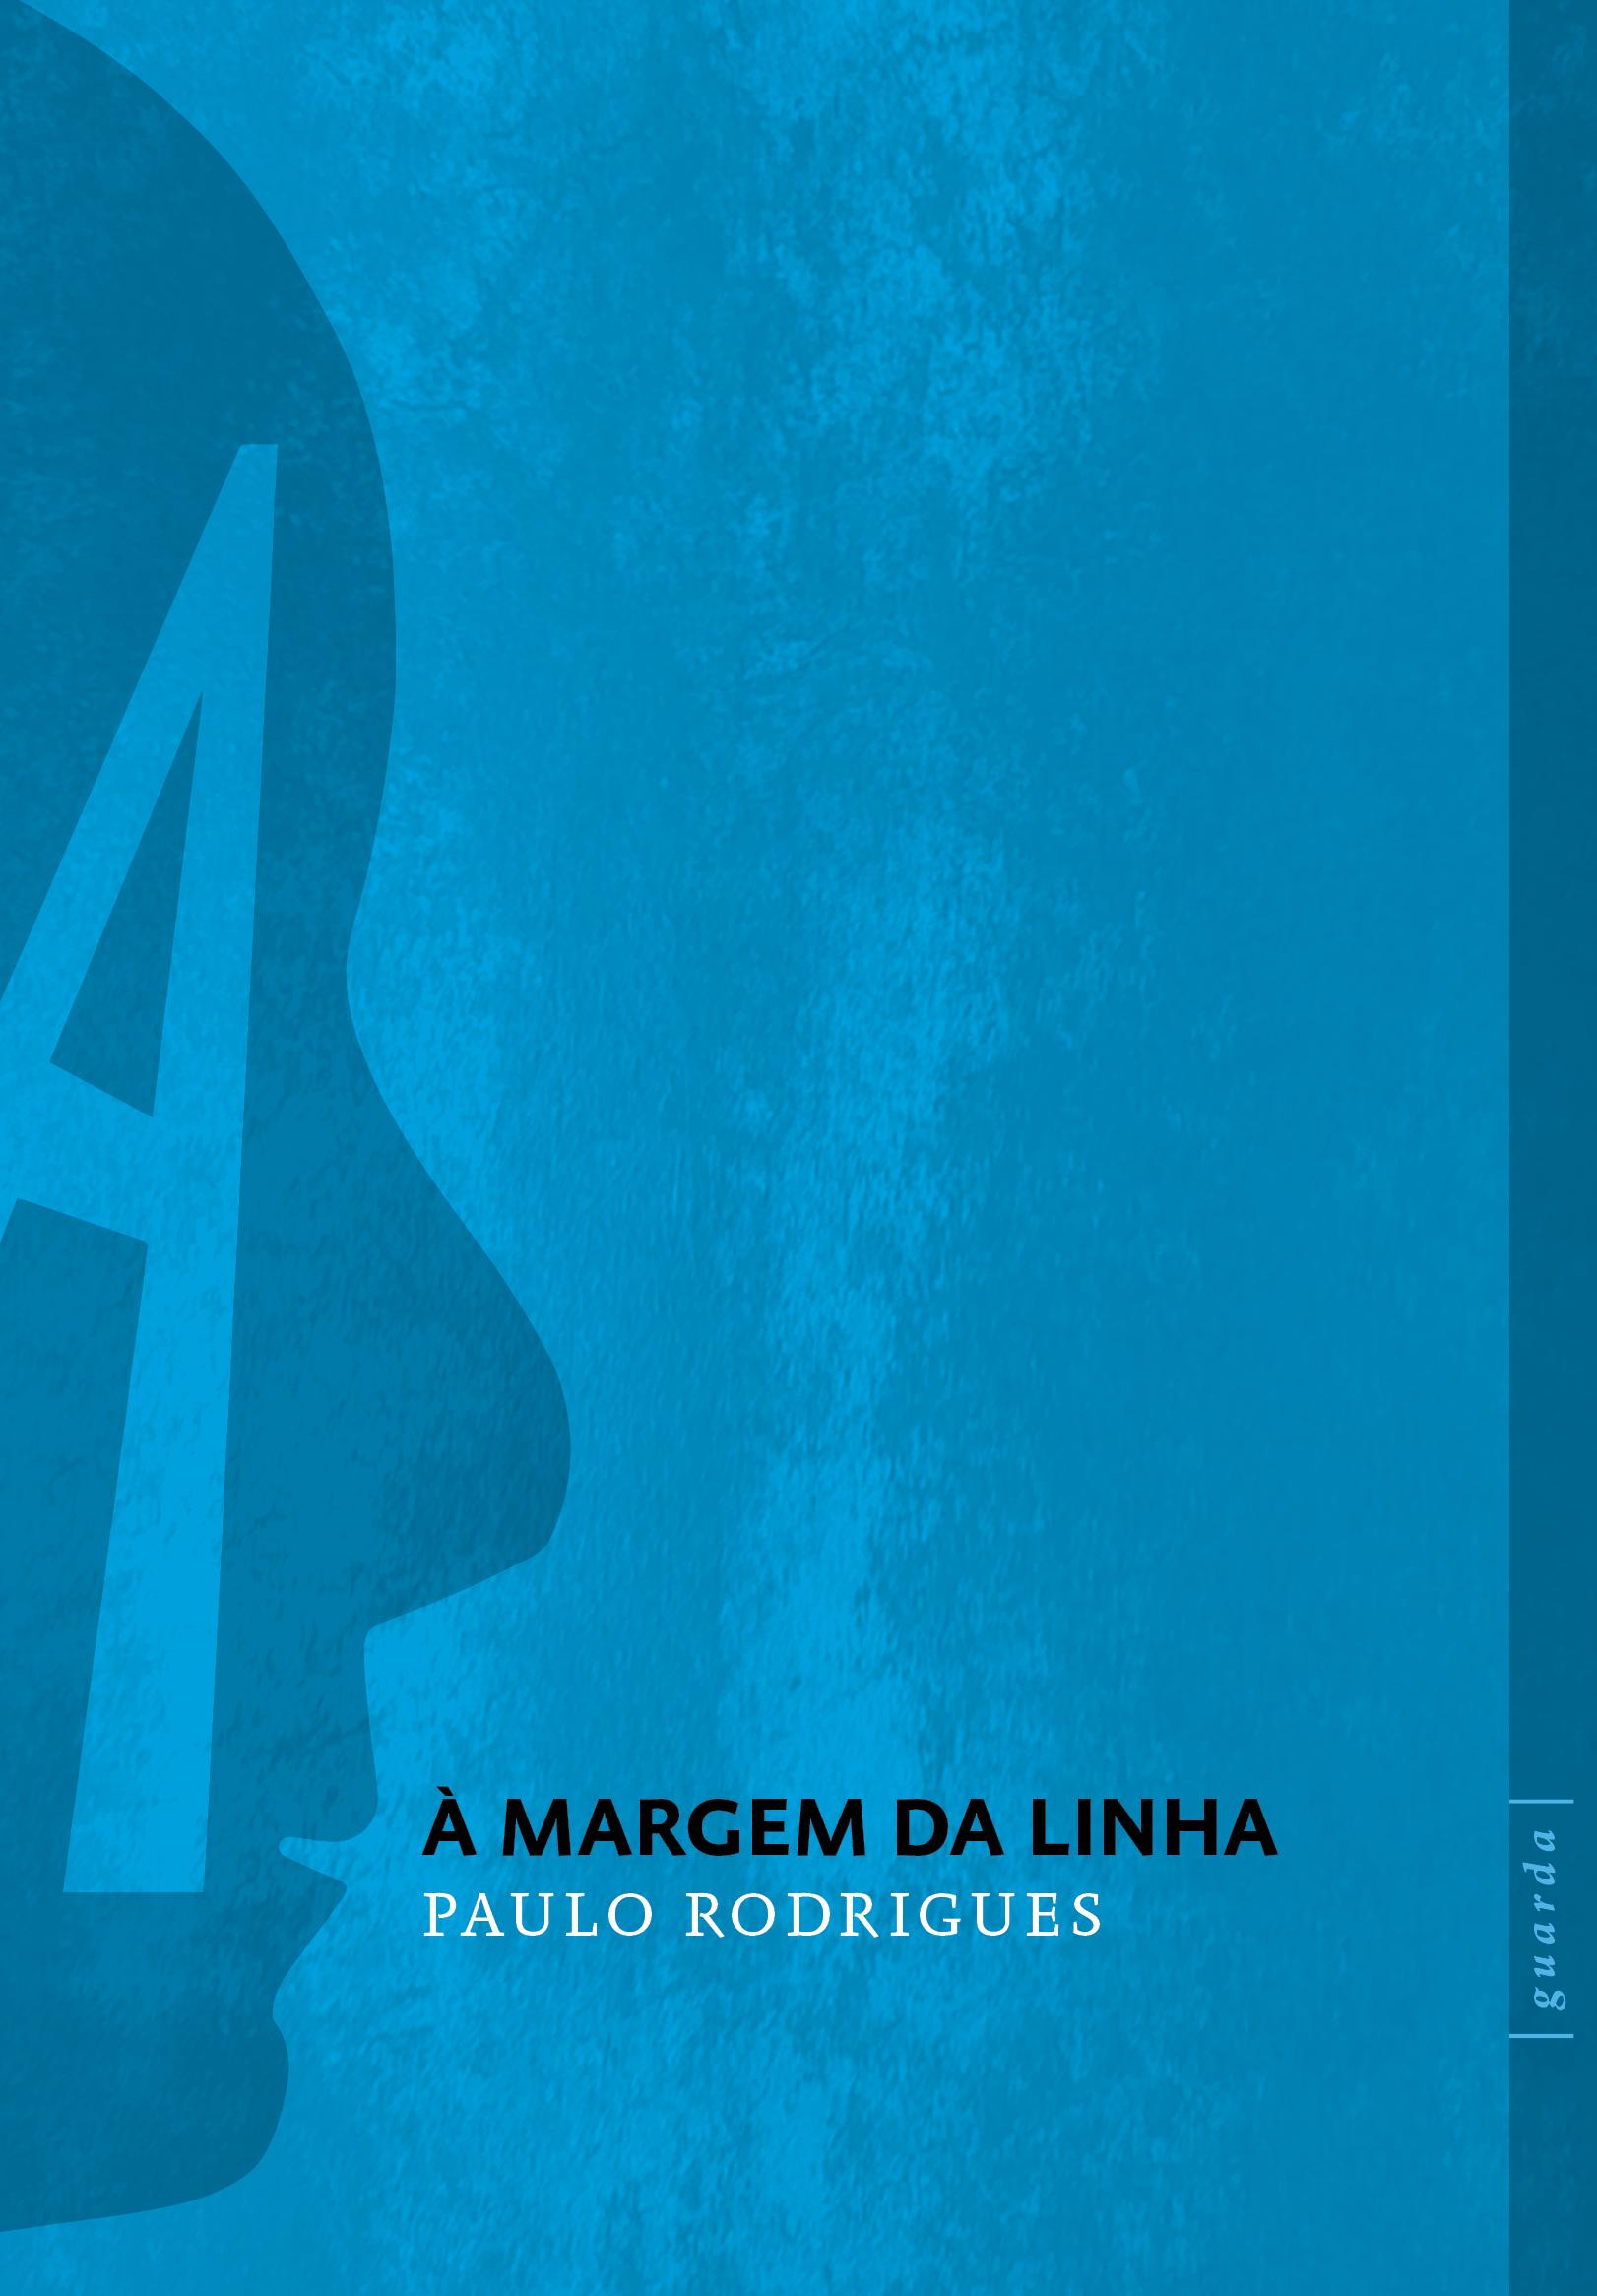 À margem da linha, livro de Paulo Rodrigues